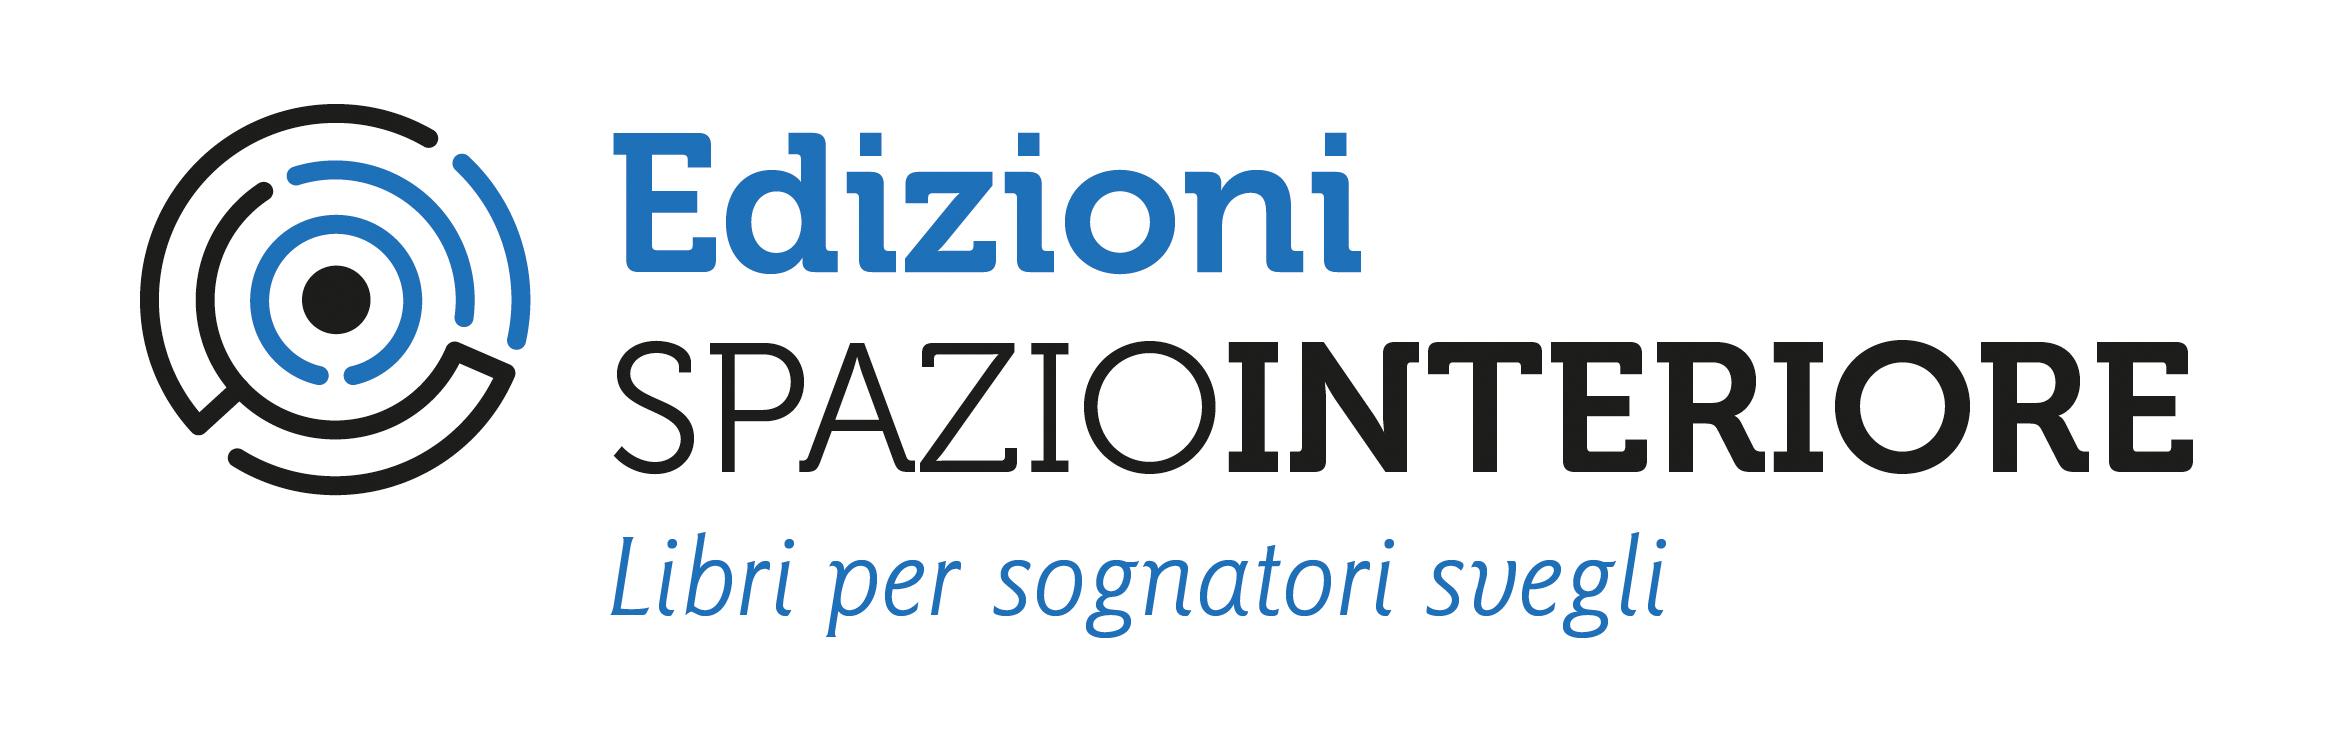 edizioni-spaziointeriore-logo